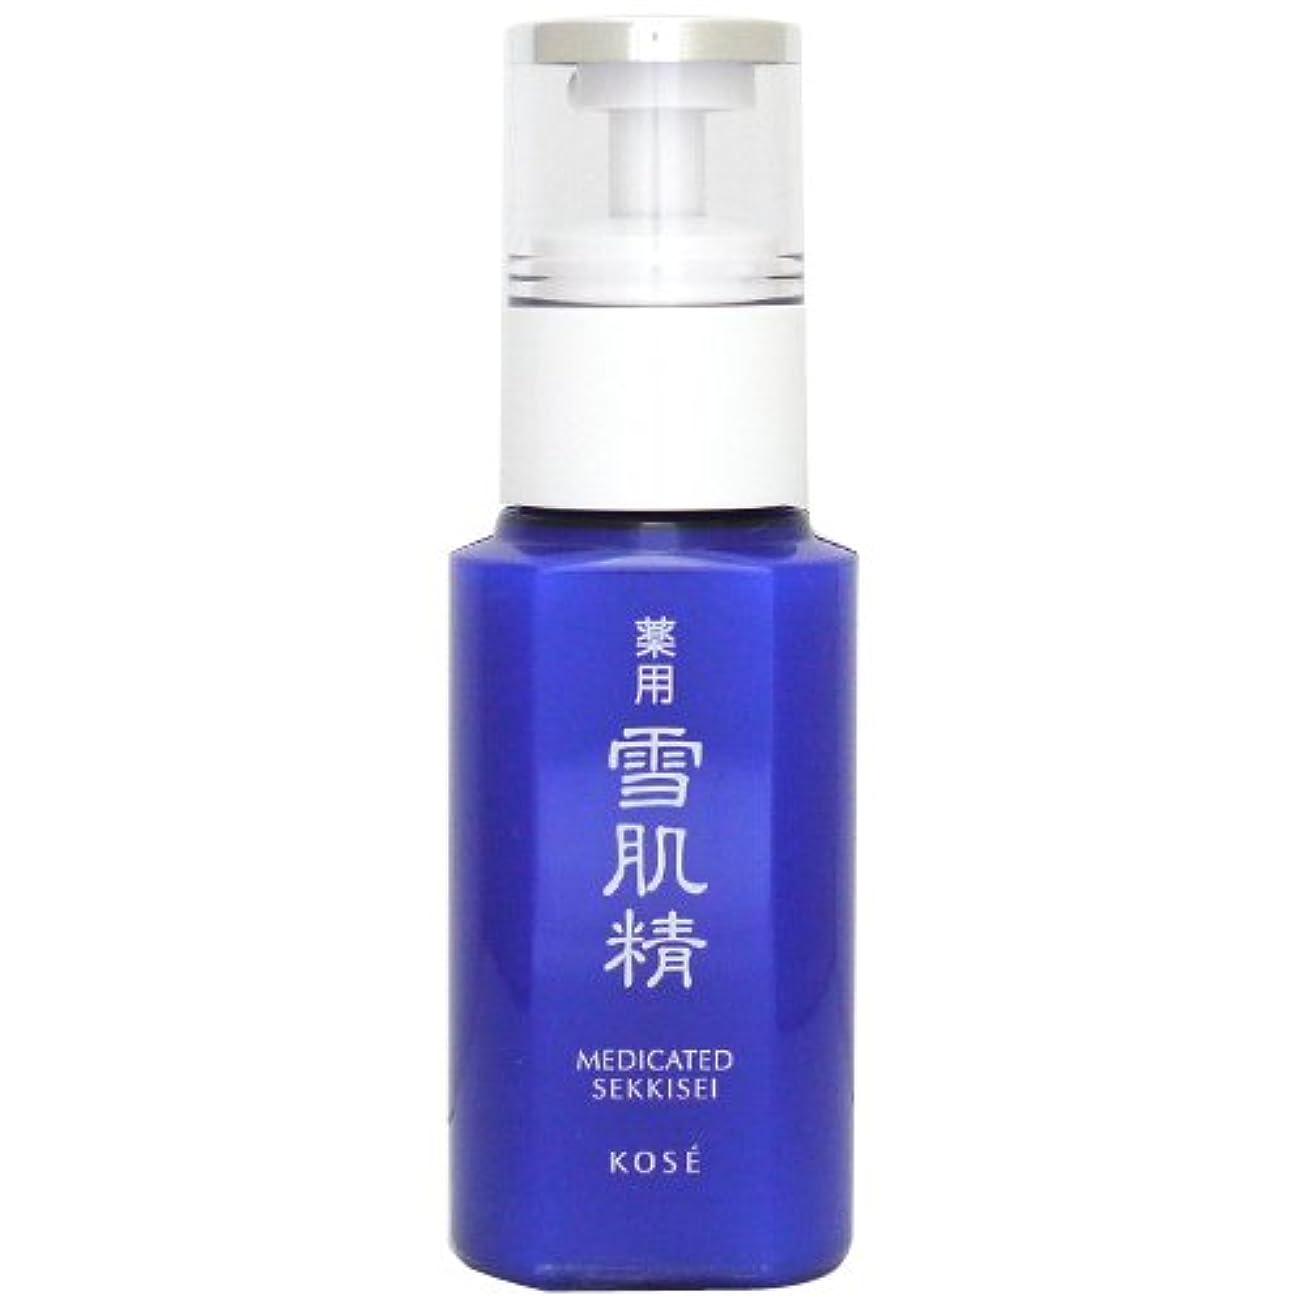 特権的無礼に会社コーセー雪肌精 薬用 乳液(トライアルサイズ) 限定 【save the blue】 70mL